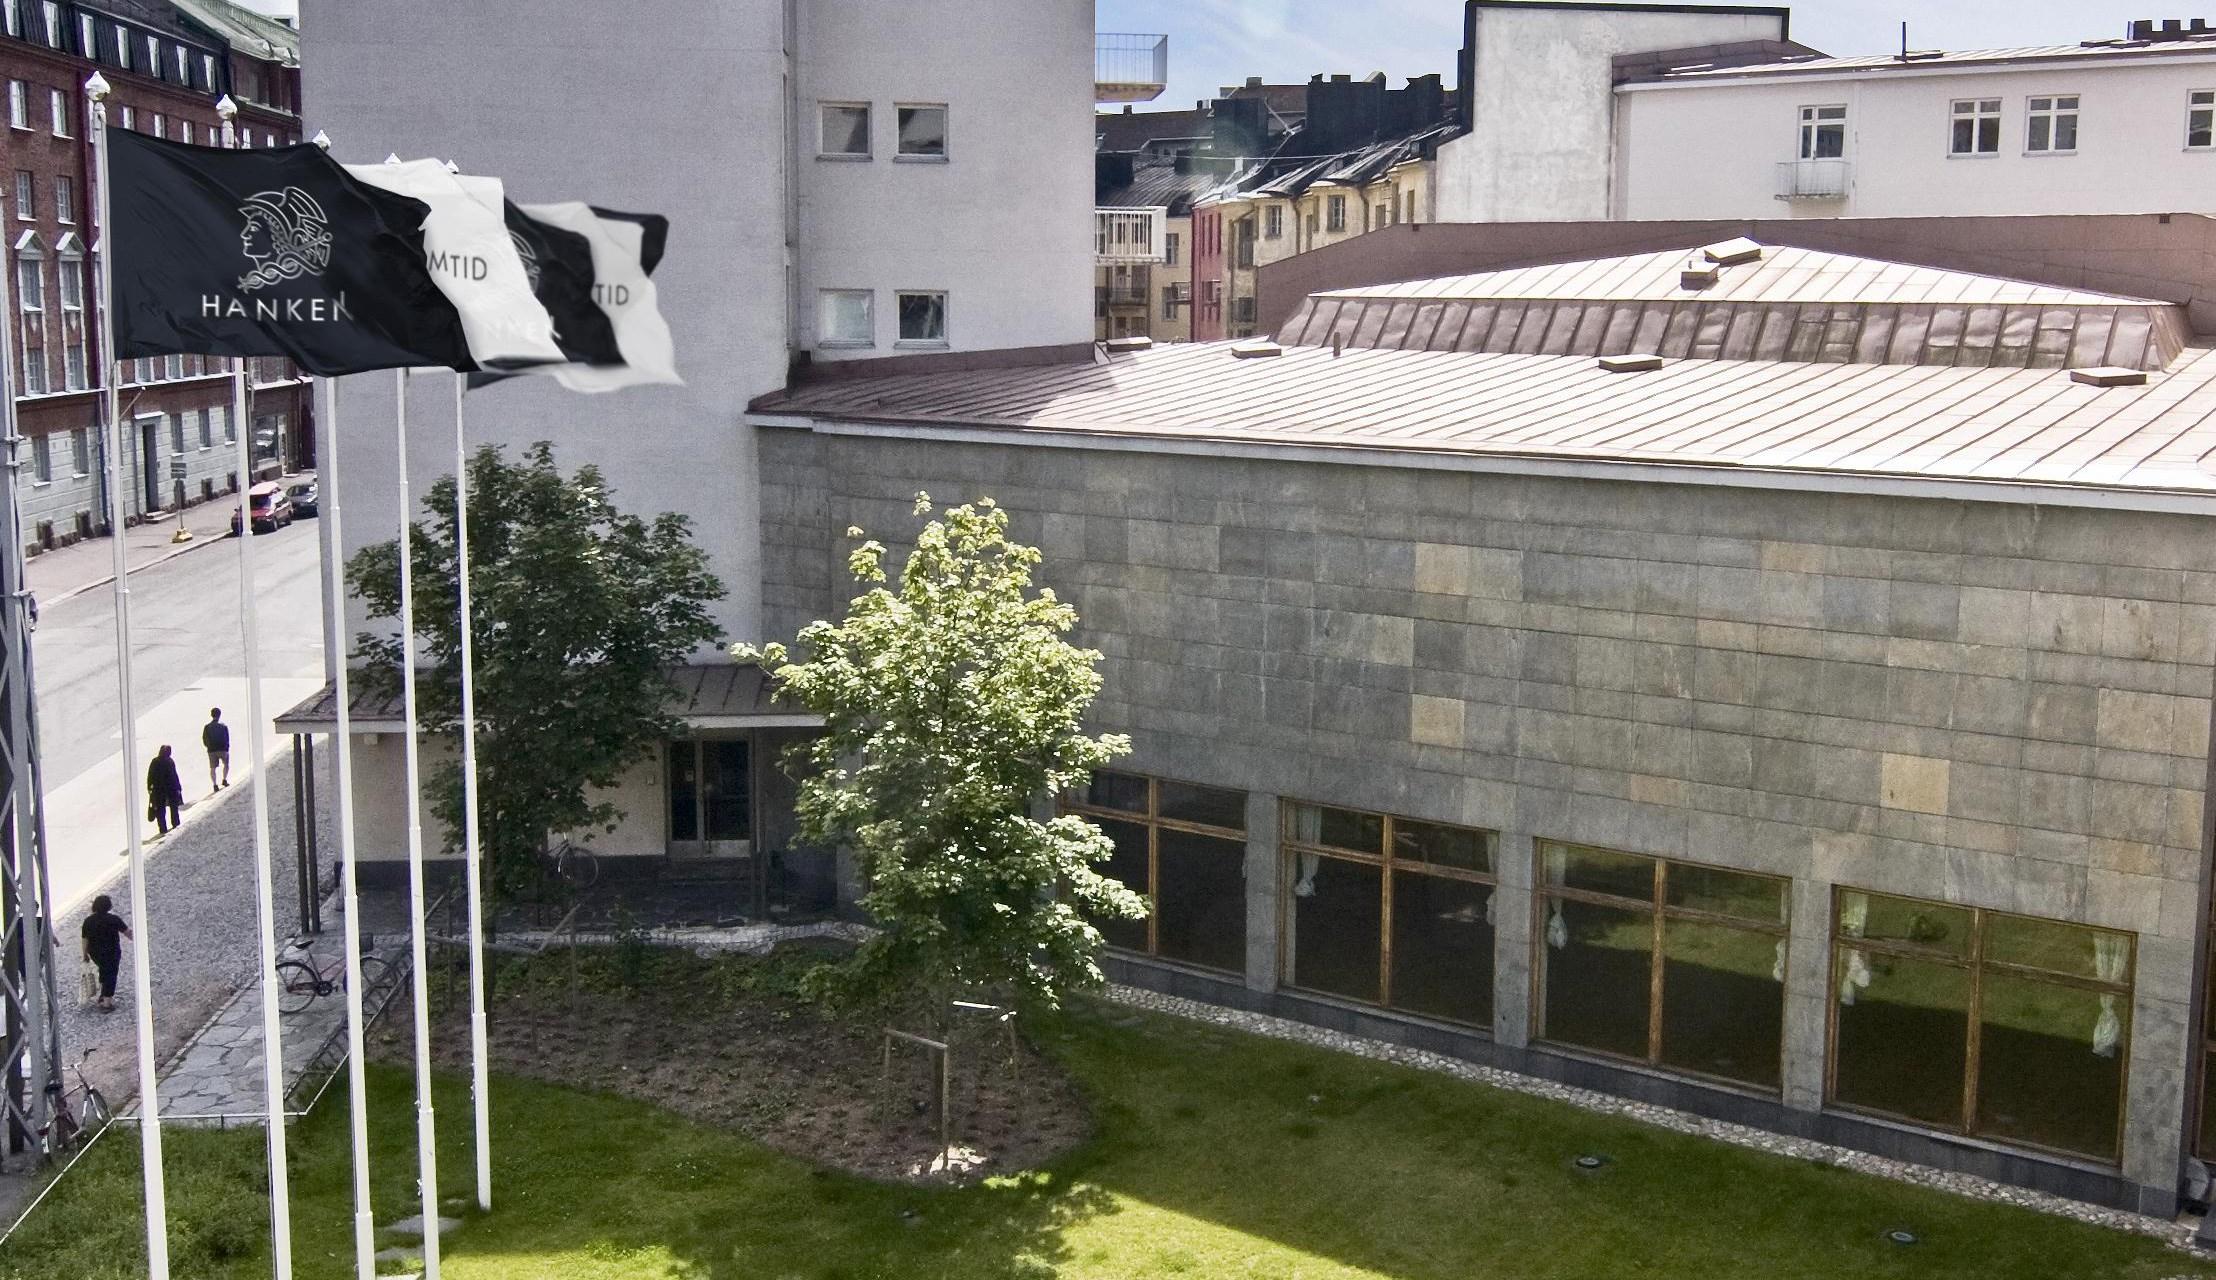 hanken school of economics helsinki